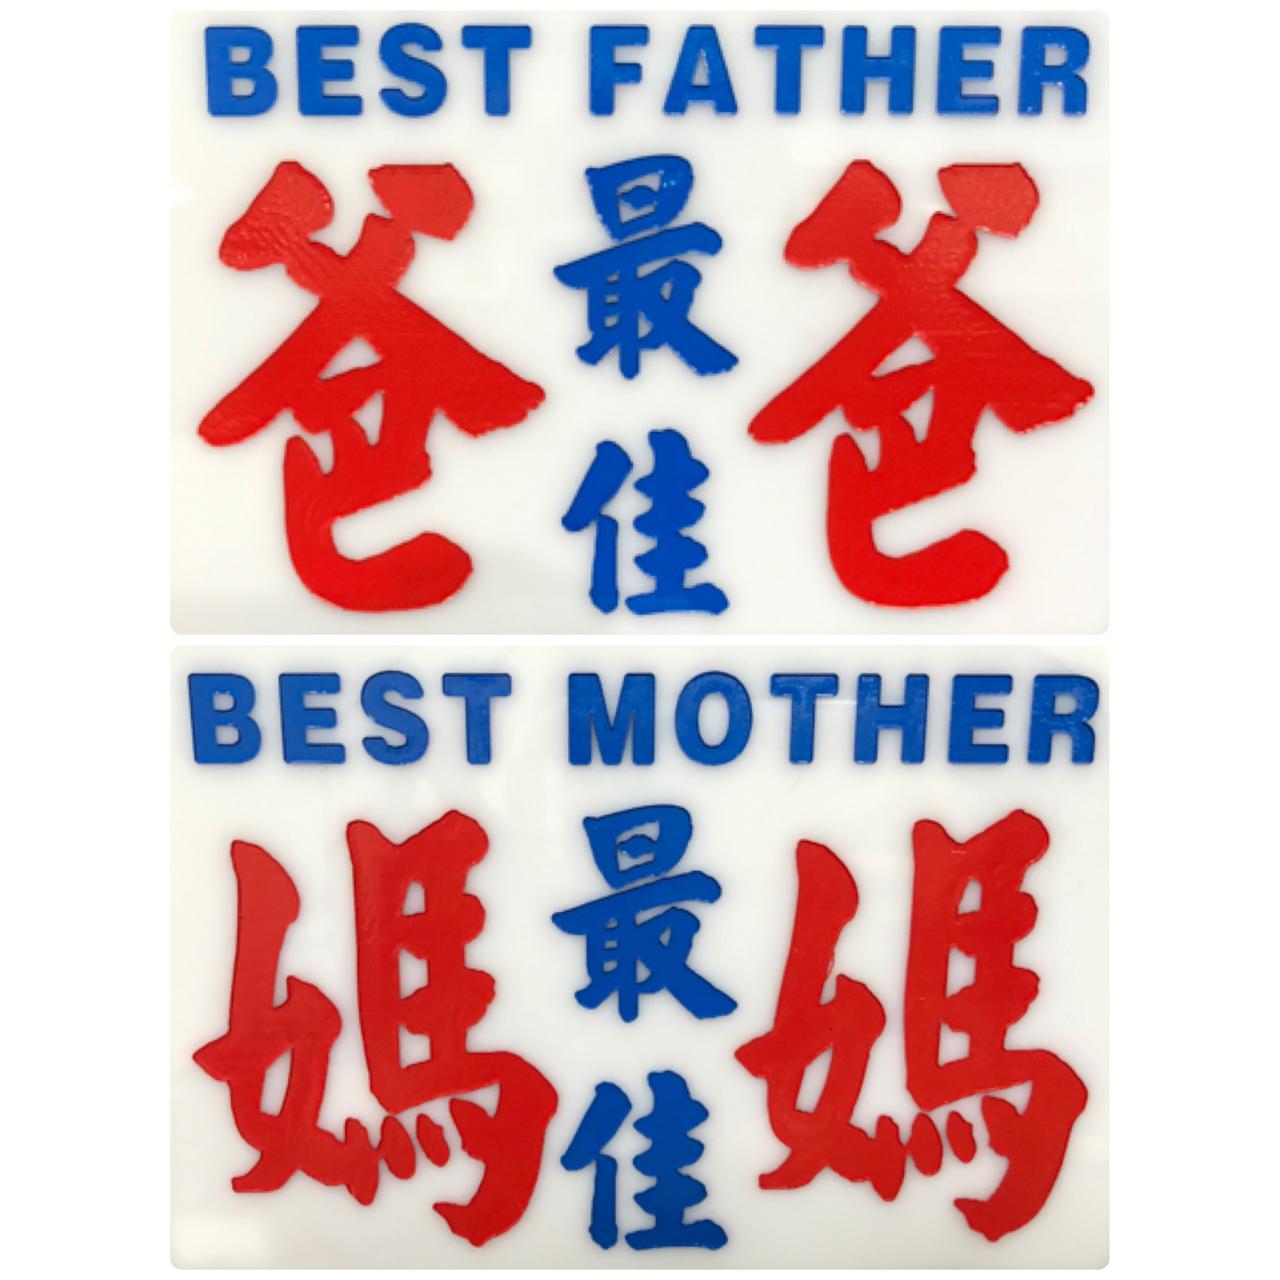 小巴牌-匙扣套裝-最佳爸爸+最佳媽媽